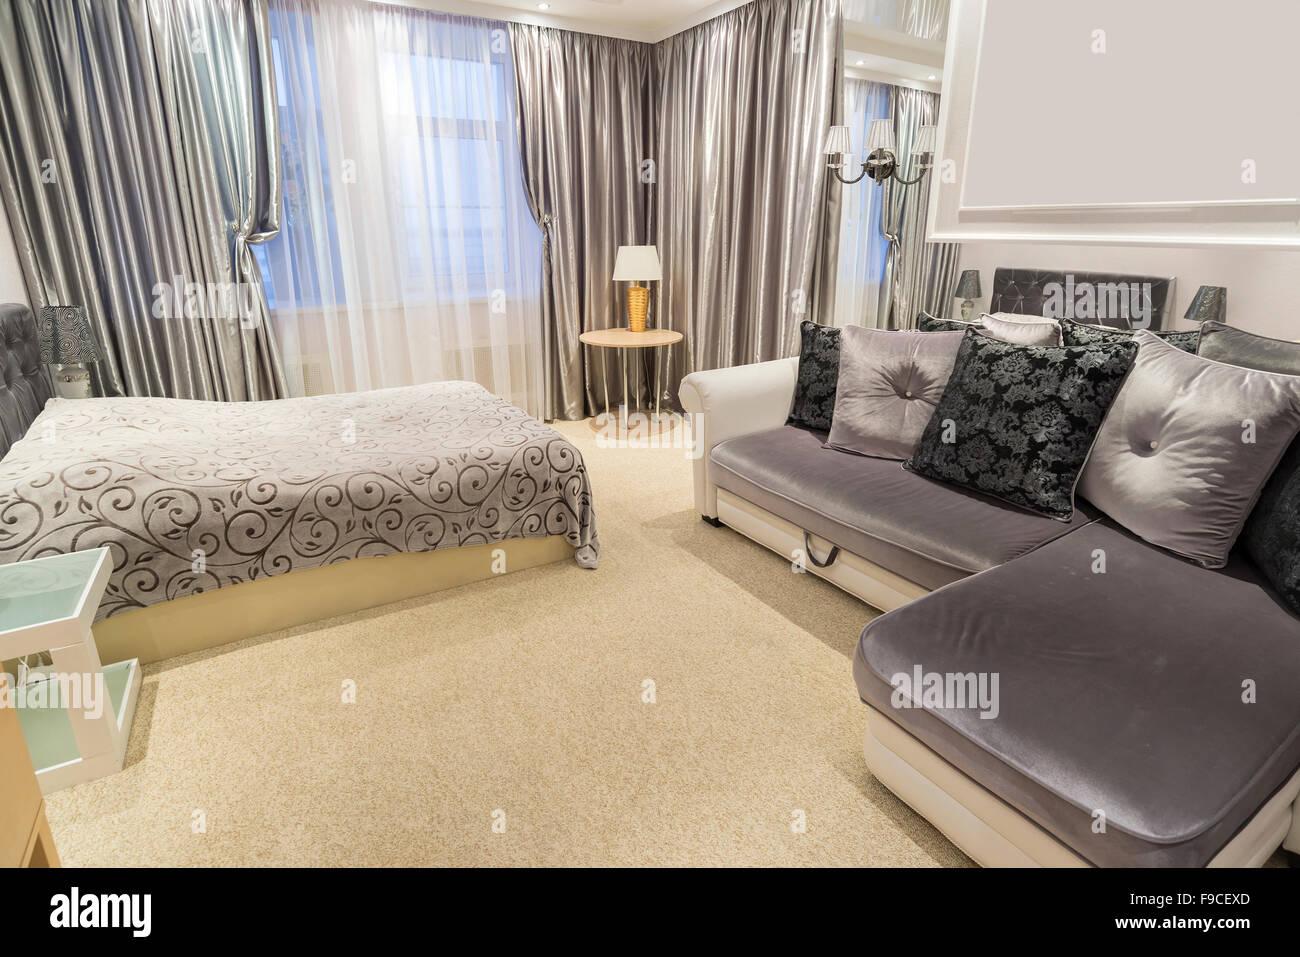 Camera Da Letto Con Divano : L interno della camera da letto con un letto matrimoniale e divano